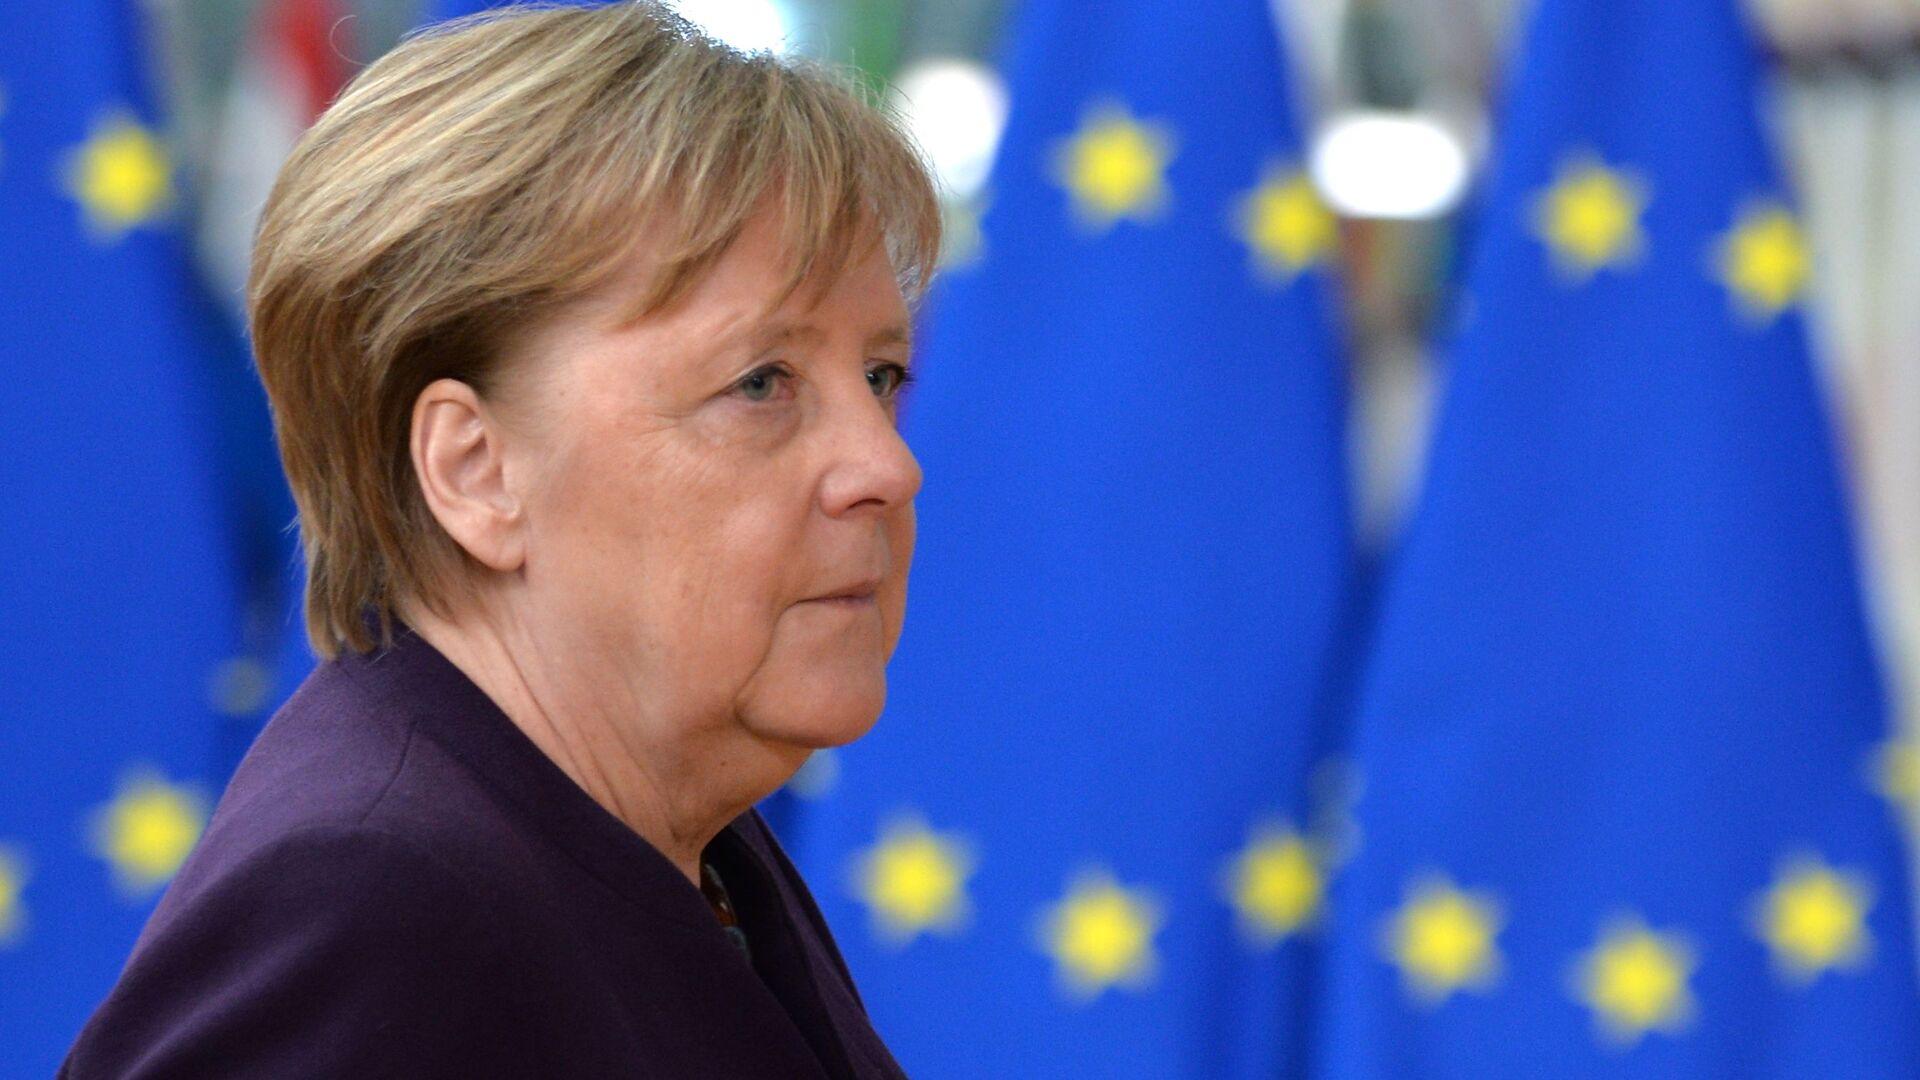 Федеральный канцлер ФРГ Ангела Меркель на саммите ЕС в Брюсселе - РИА Новости, 1920, 12.07.2021